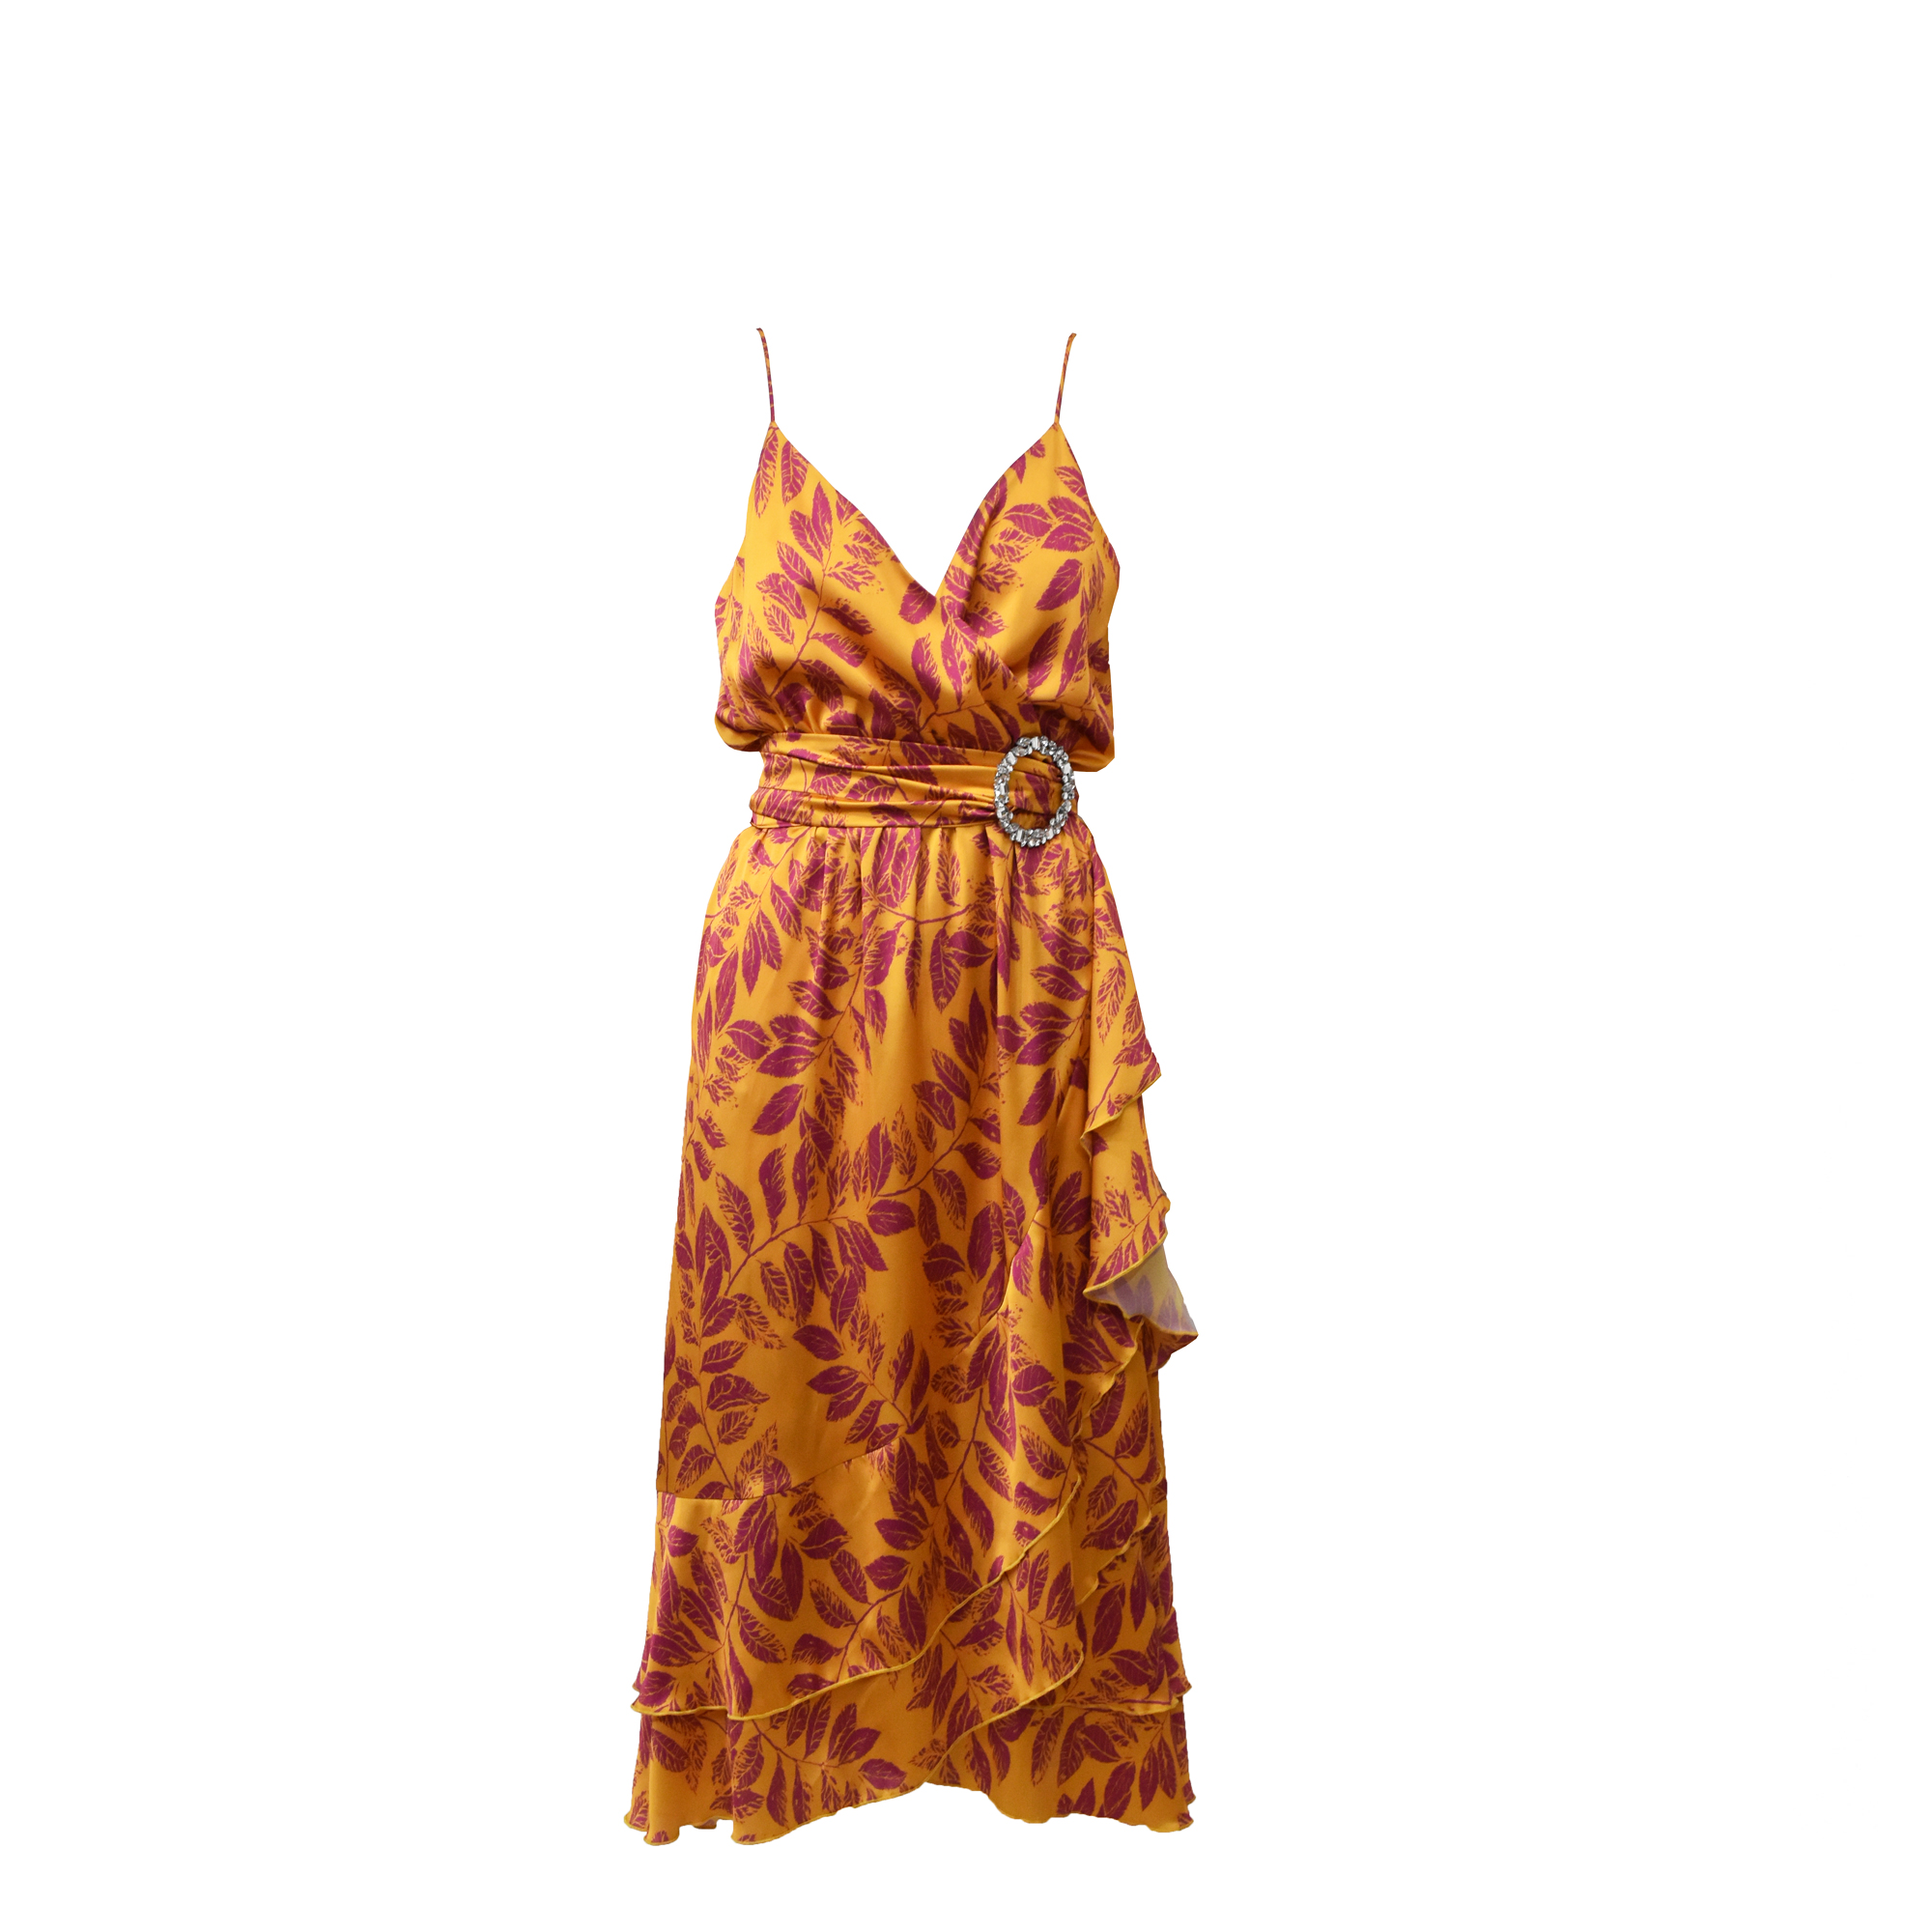 MIX & MATCH WRAP DRESS - 20015 YELLOW